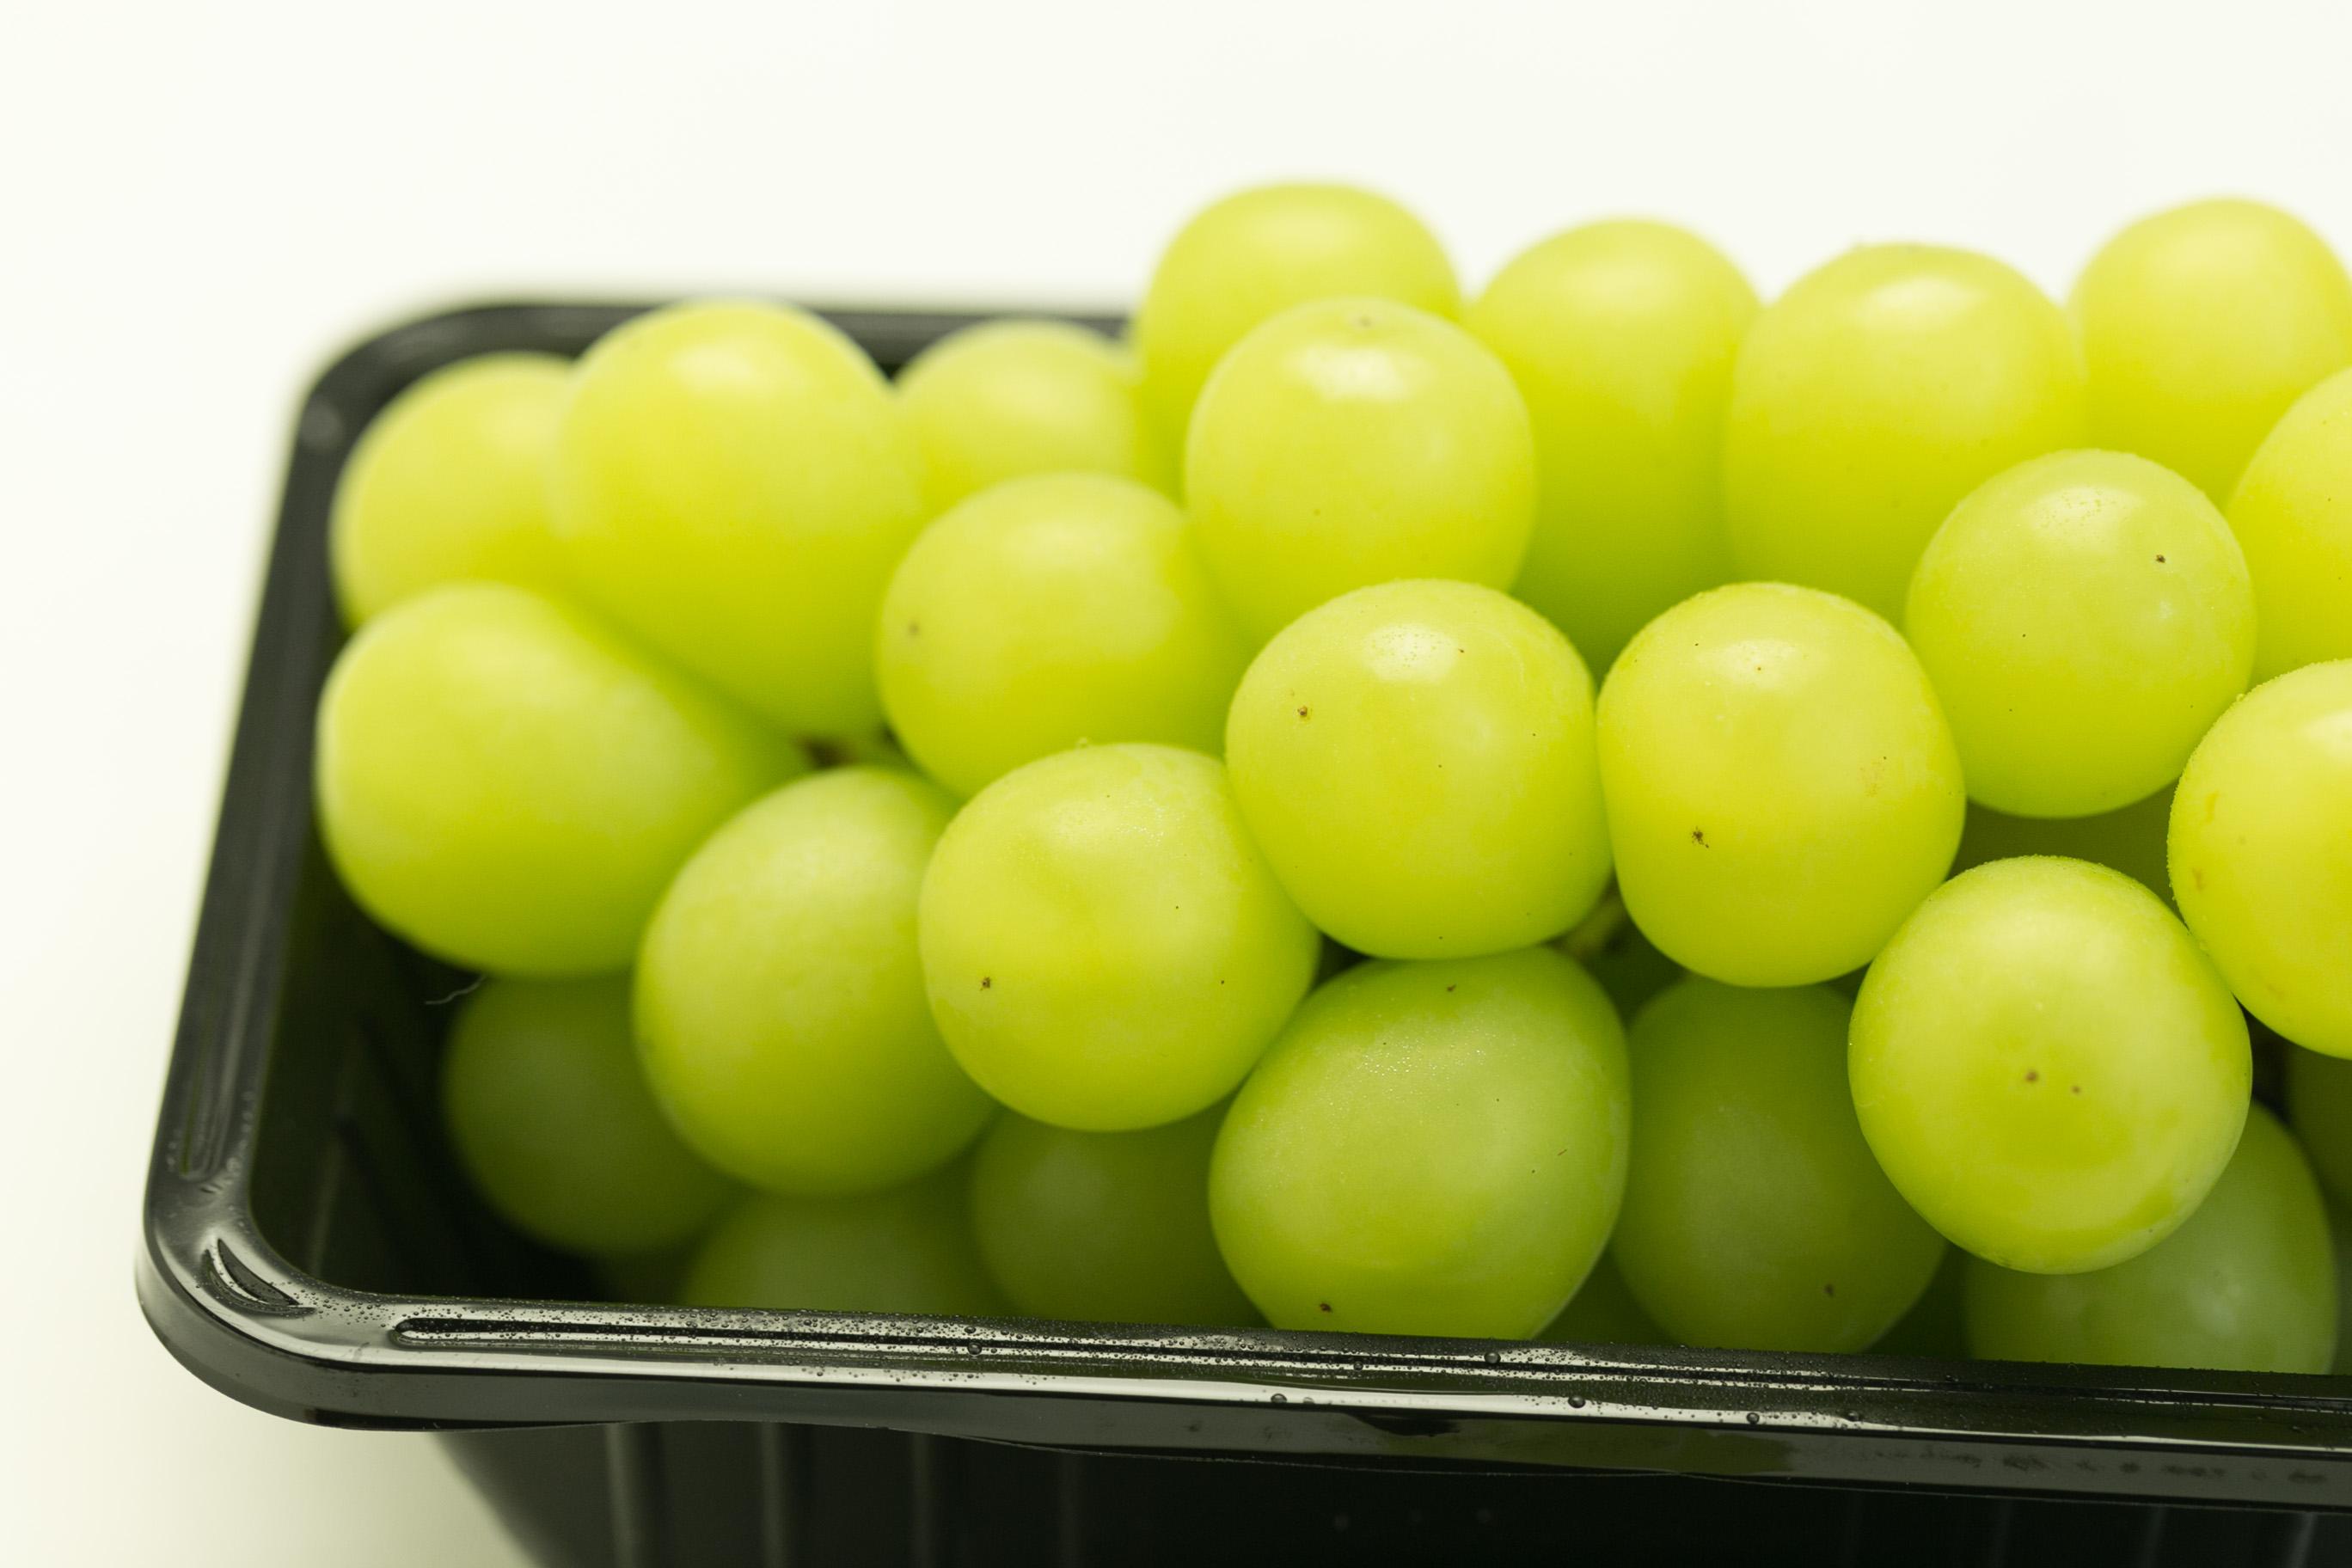 シャインマスカット(JA須高)は皮ごと食べられて、種なし。甘いぶどう。